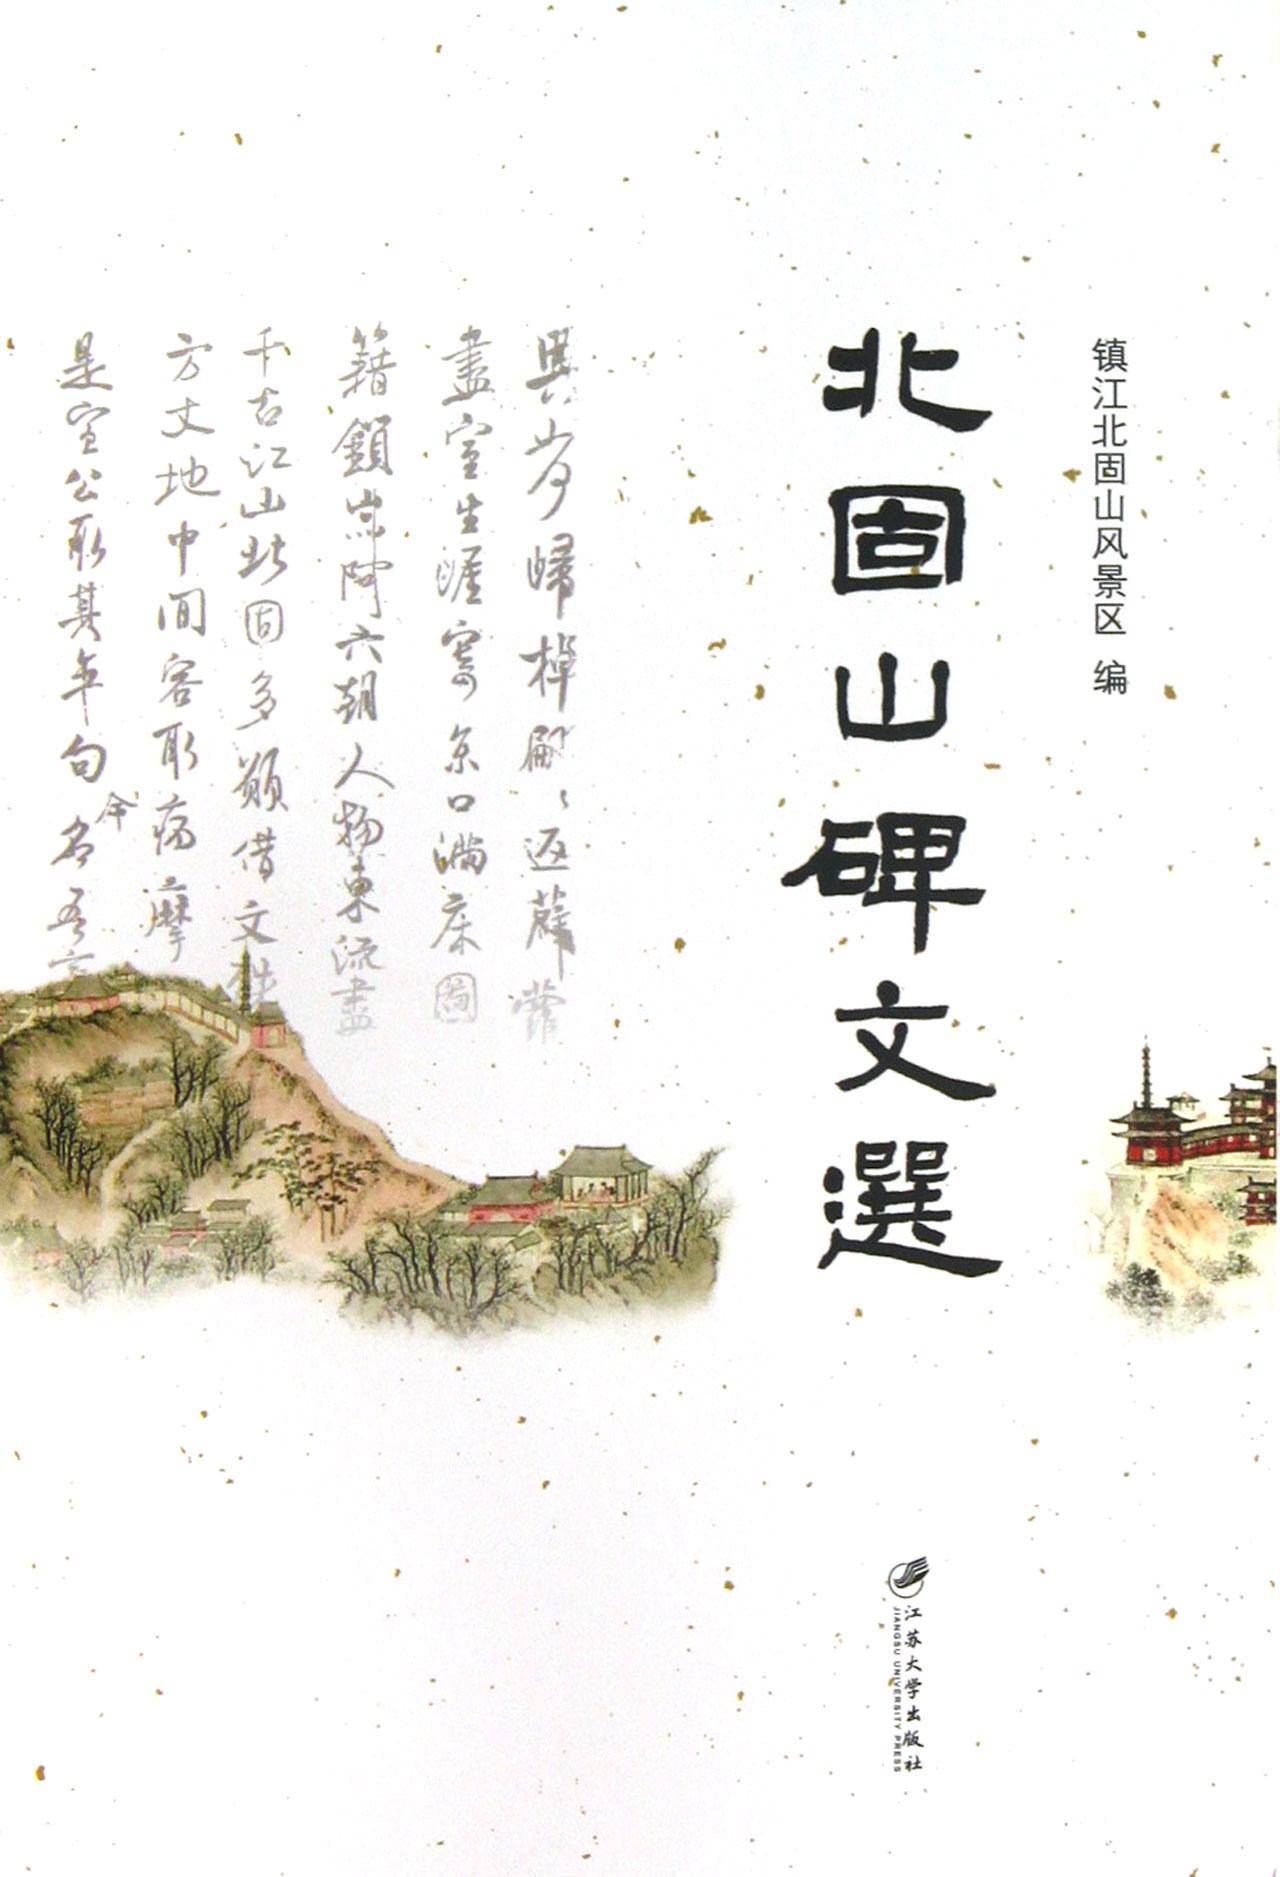 作 者:镇江北固山风景区.